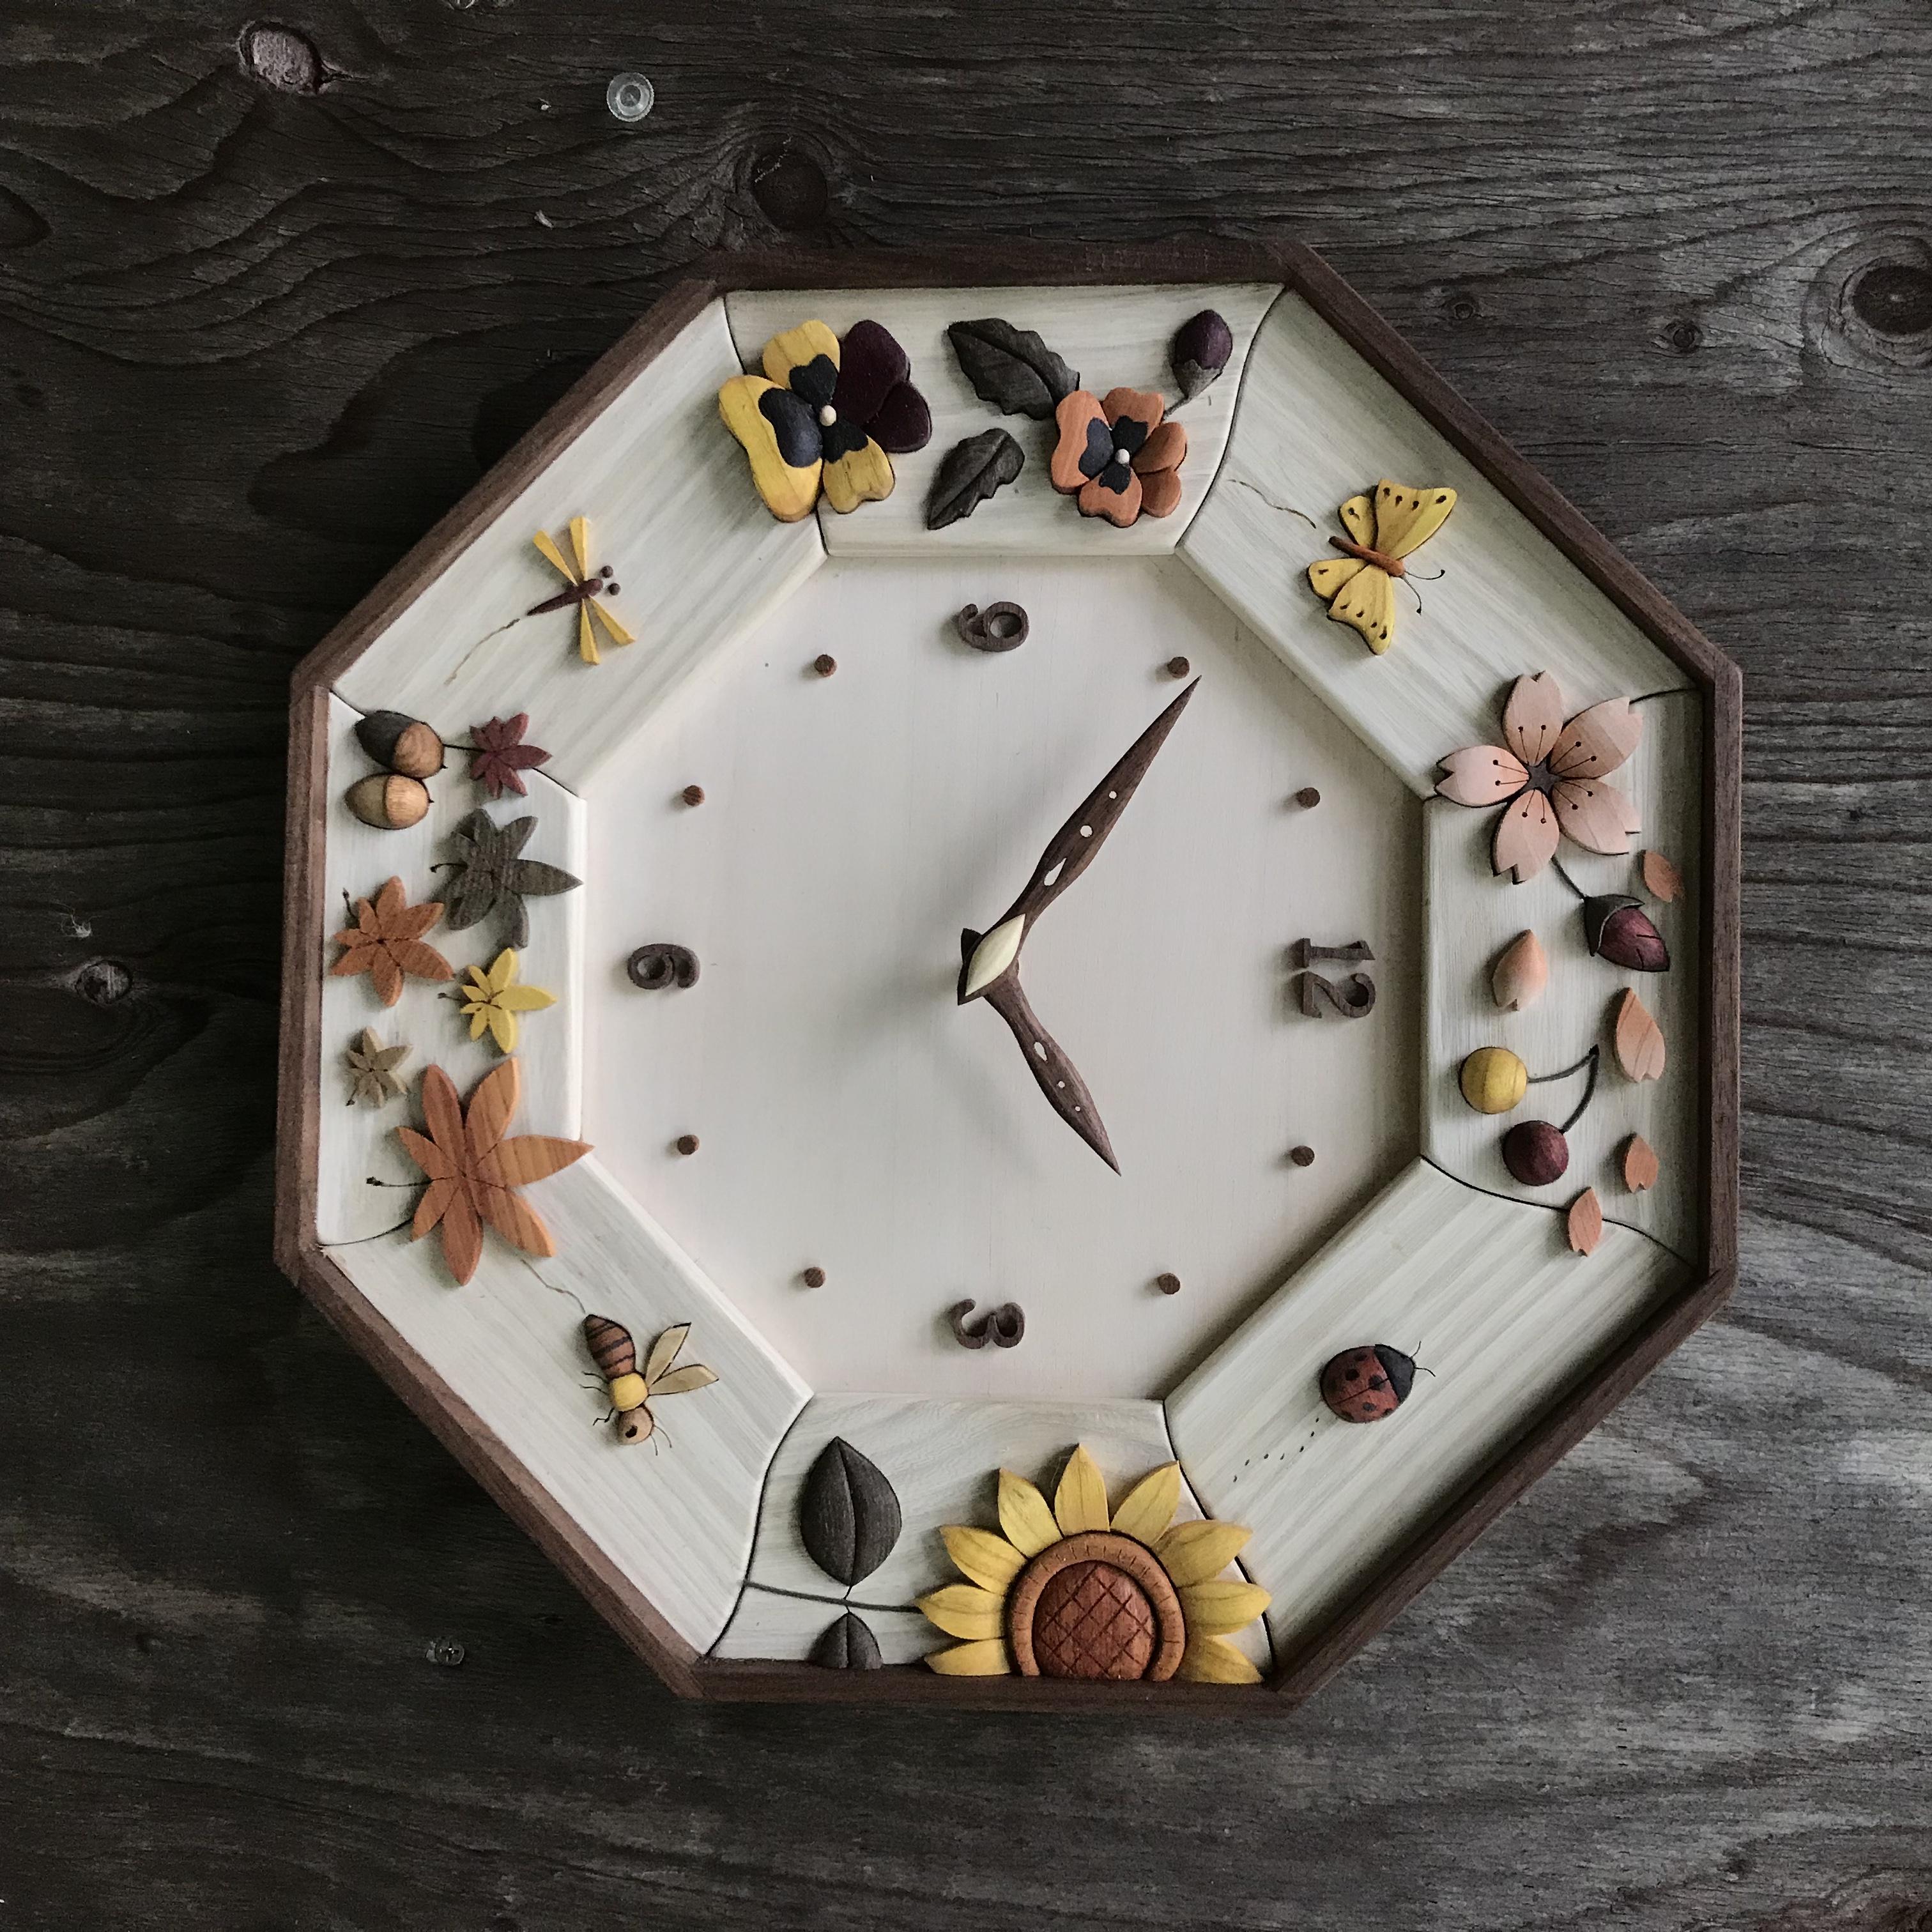 八角時計:花と虫たちの四季